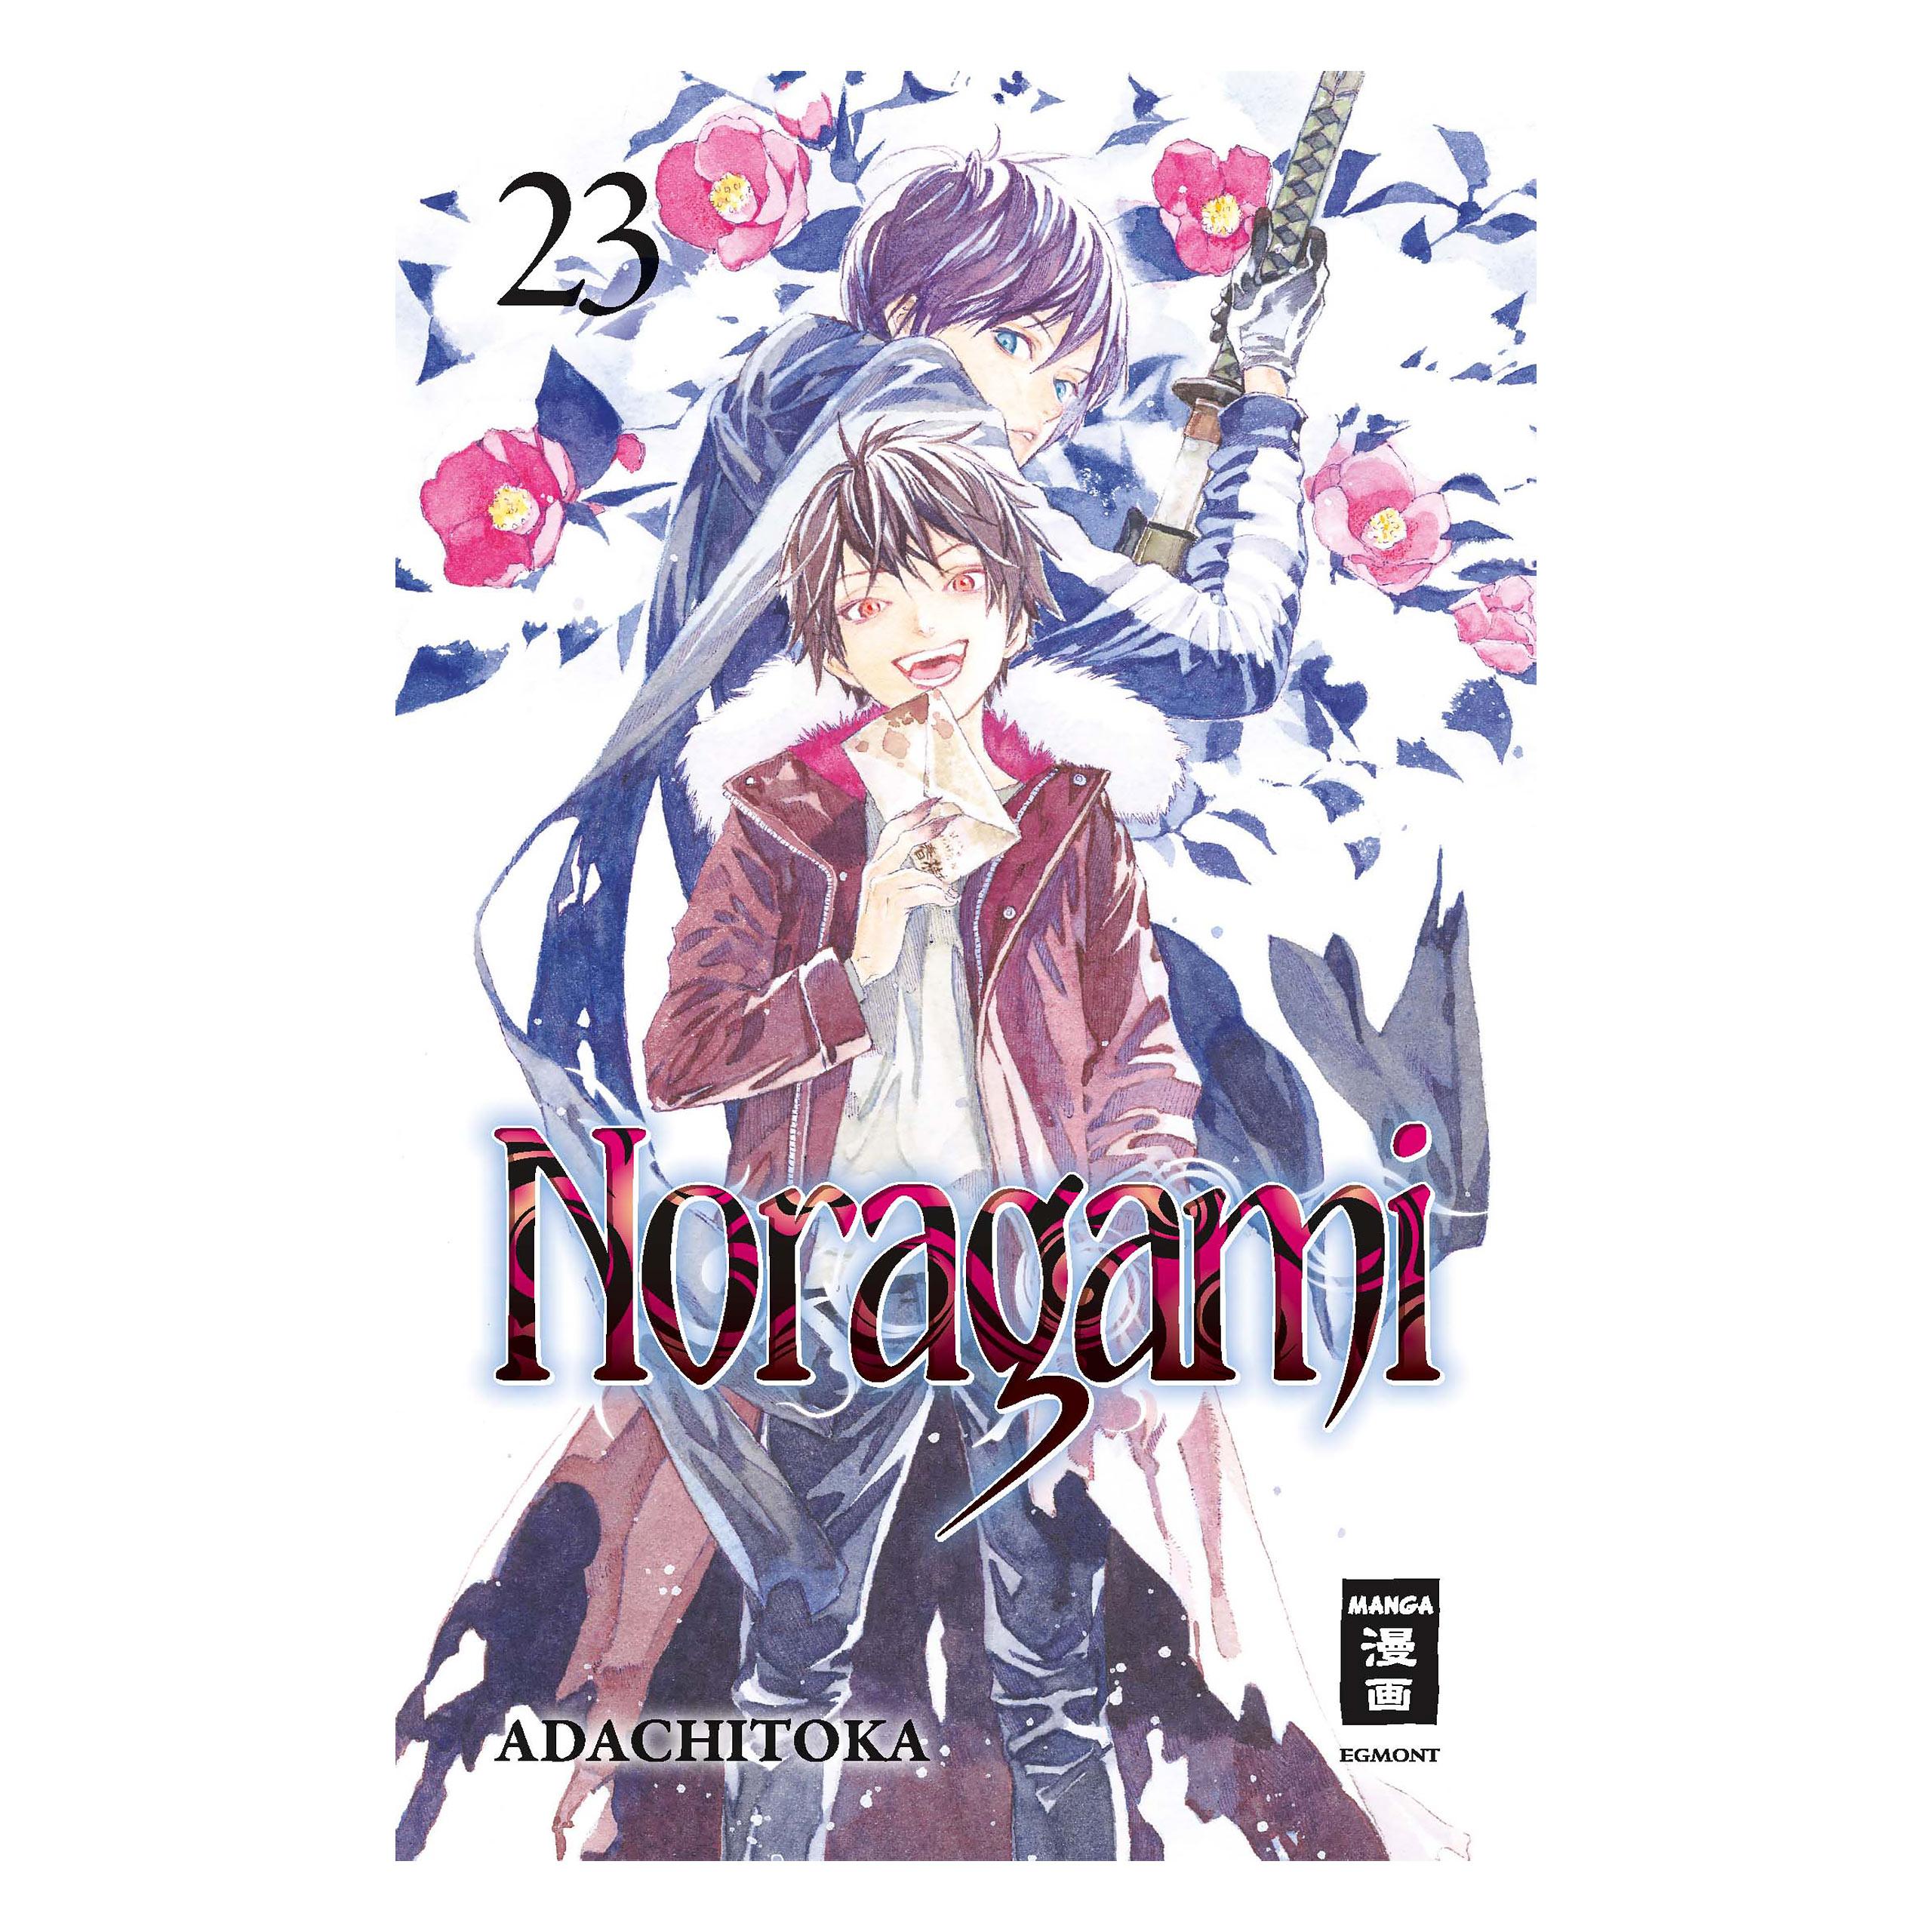 Noragami - Band 23 Taschenbuch